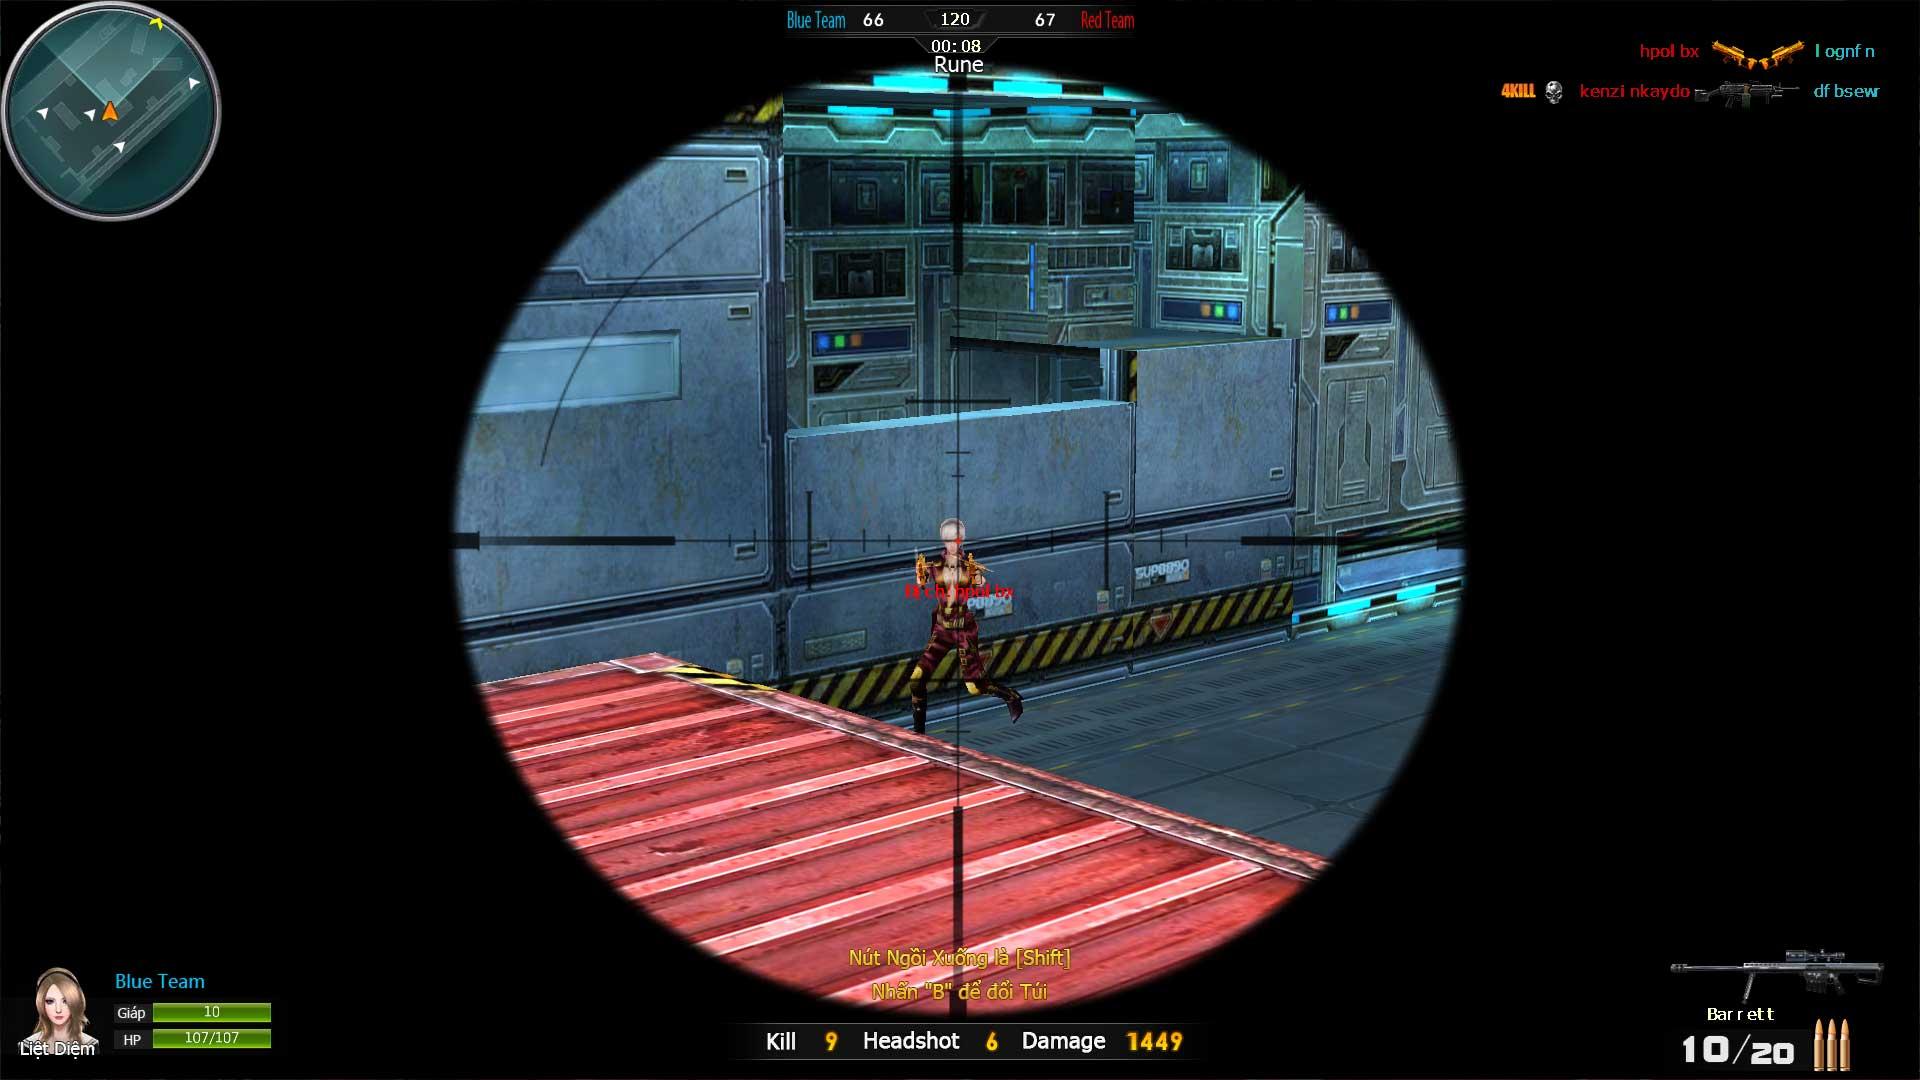 Bên cạnh các chế độ chơi thông thường như bắn Đấu Đội, Đặt Bom, Zombie...  Xạ Thủ còn giới thiệu đến người chơi chế độ chơi Robot đầy mới lạ và kịch  ...